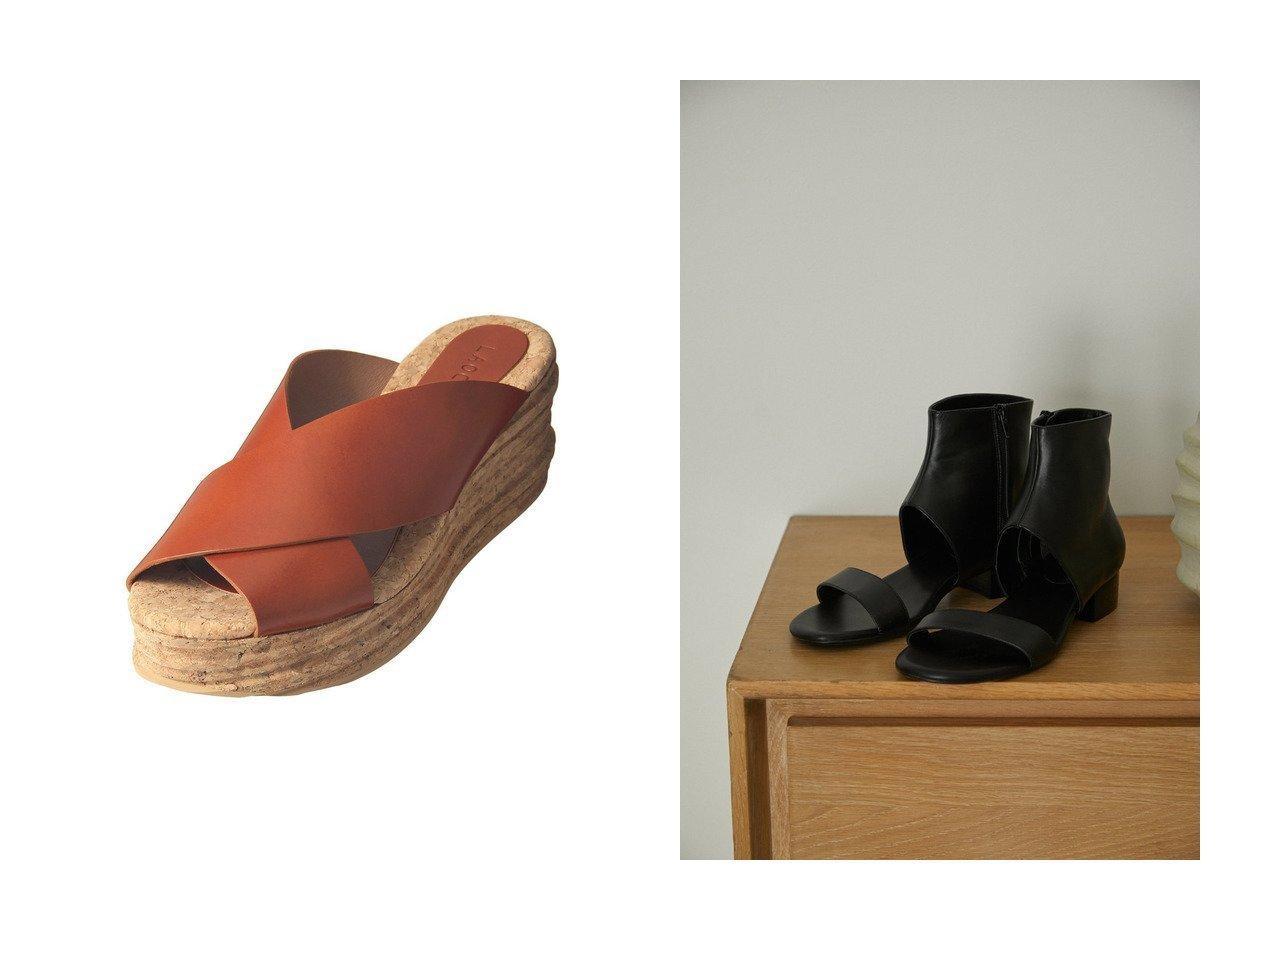 【heliopole/エリオポール】の【LAOCOONTE】ウエッジサンダル&【RIM.ARK/リムアーク】のサンダル 【シューズ・靴】おすすめ!人気、トレンド・レディースファッションの通販 おすすめで人気の流行・トレンド、ファッションの通販商品 インテリア・家具・メンズファッション・キッズファッション・レディースファッション・服の通販 founy(ファニー) https://founy.com/ ファッション Fashion レディースファッション WOMEN サマー サンダル 夏 Summer 定番 Standard コンビ スタイリッシュ バランス ブーティ  ID:crp329100000054580